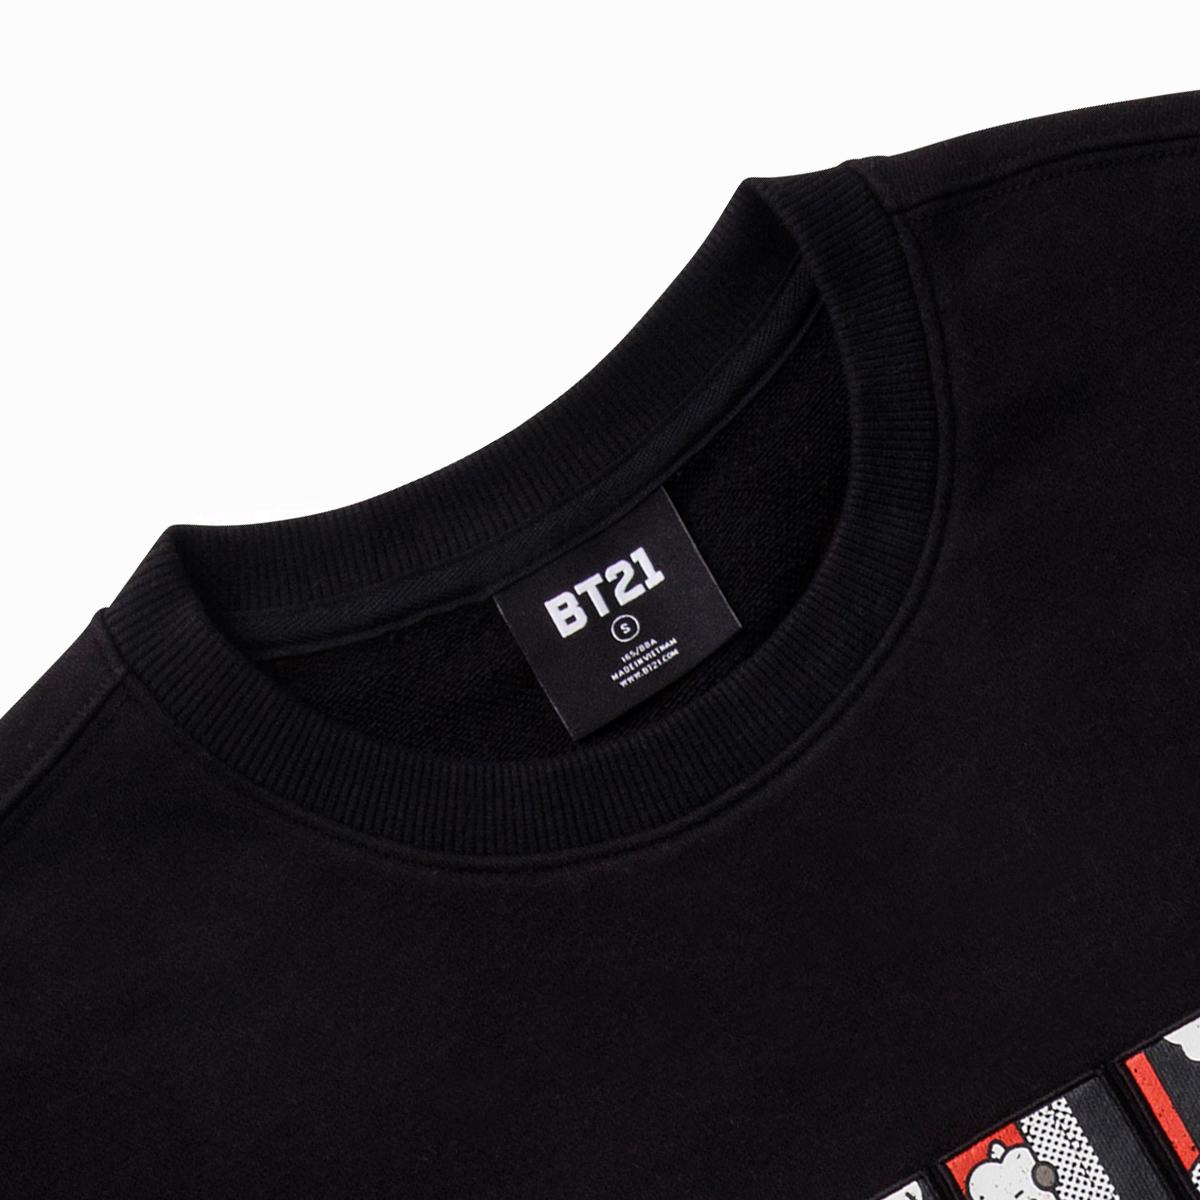 BT21 RJ 코믹팝 스웻셔츠